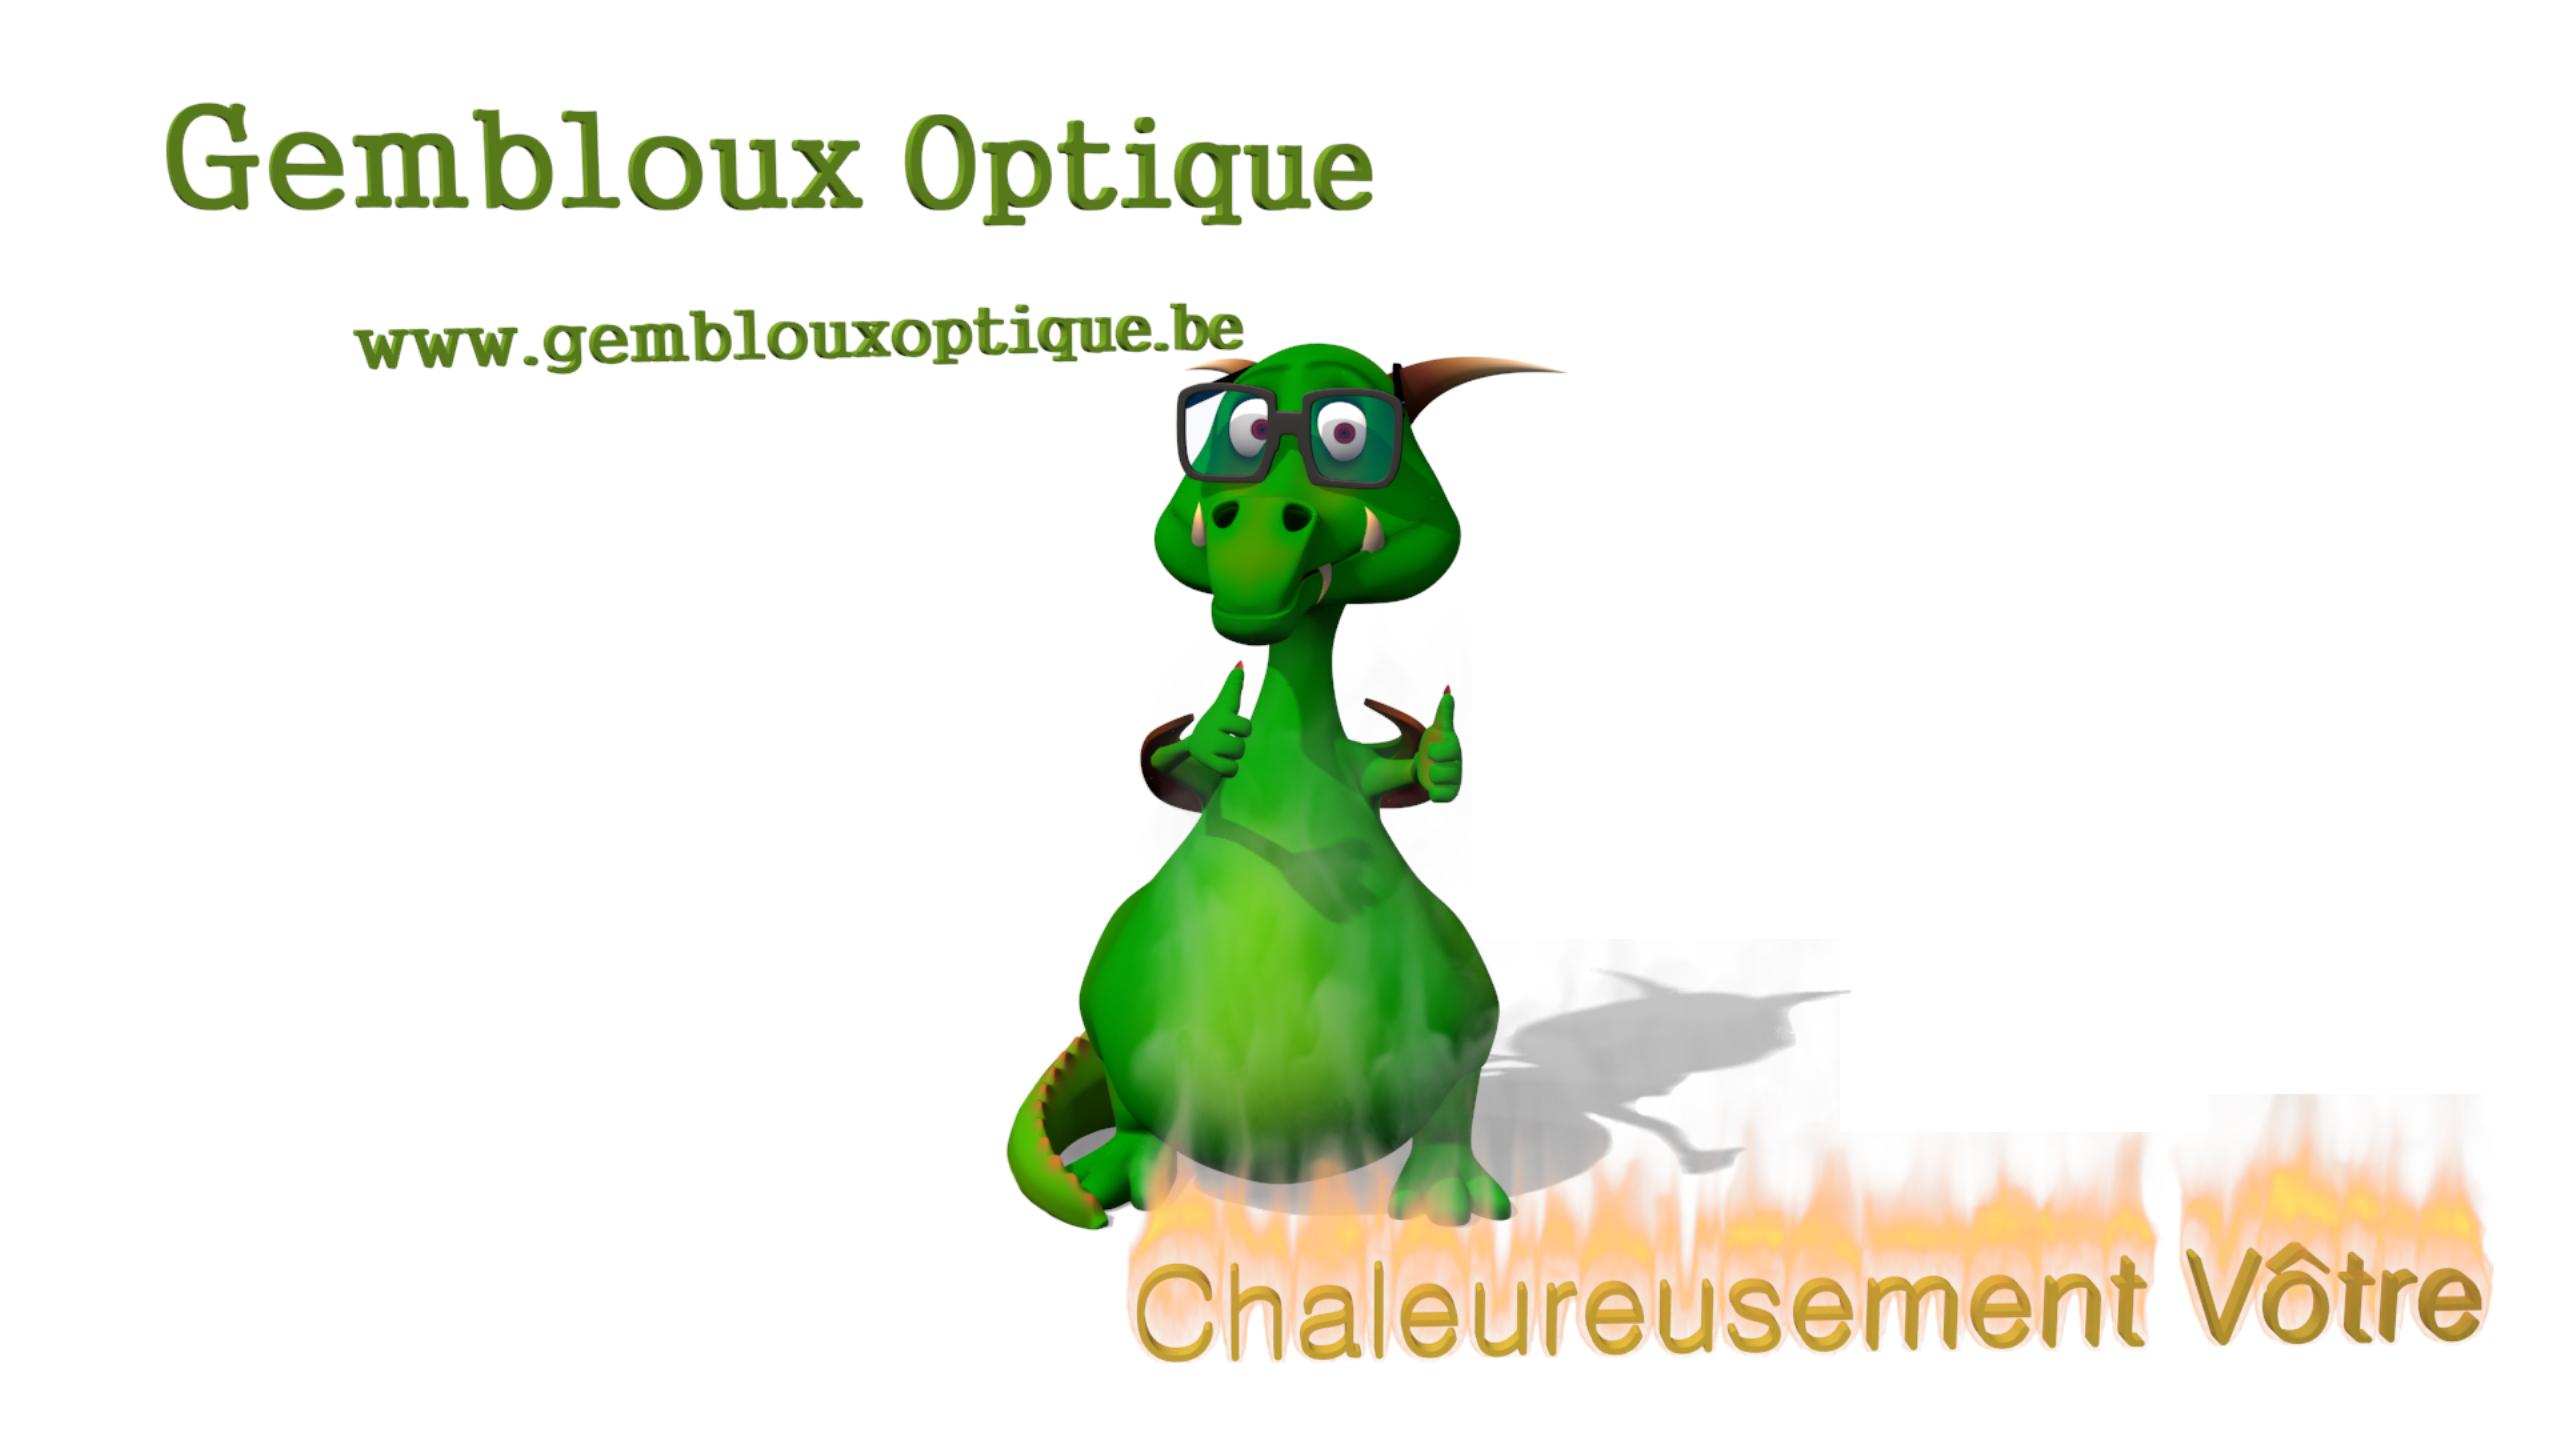 Logo-Gembloux-Optique-TRSP